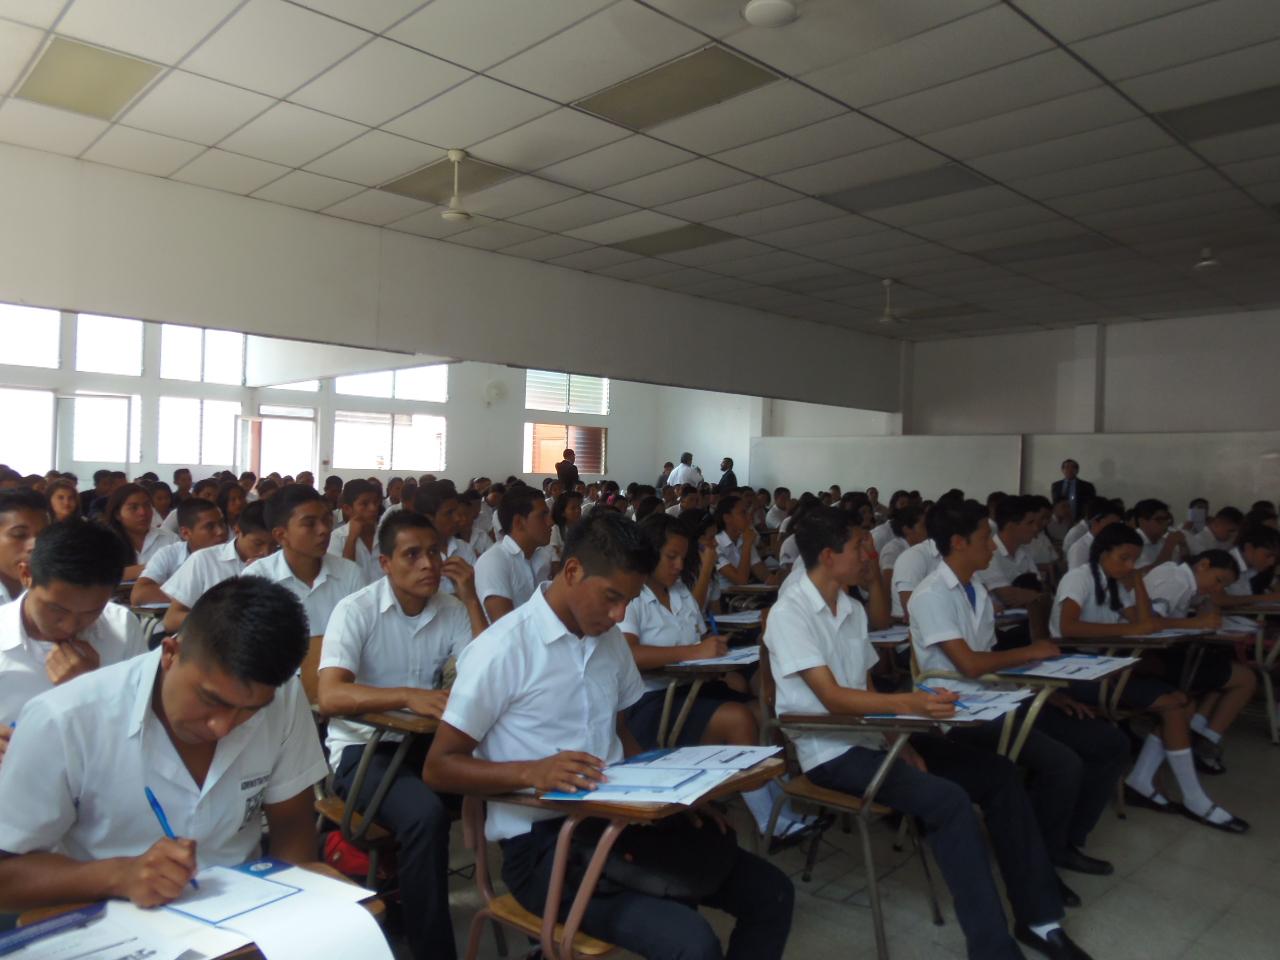 Imparten seminario sobre características y medidas de seguridad de los billetes a estudiantes del occidente del país